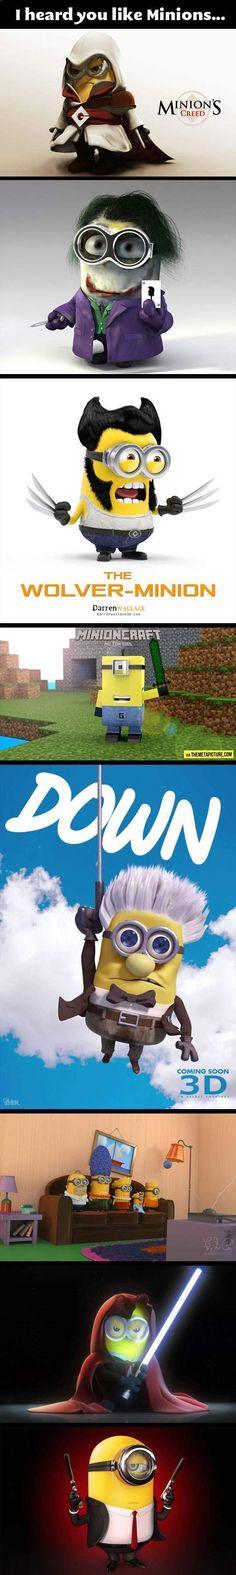 Minions Despicable Me funny